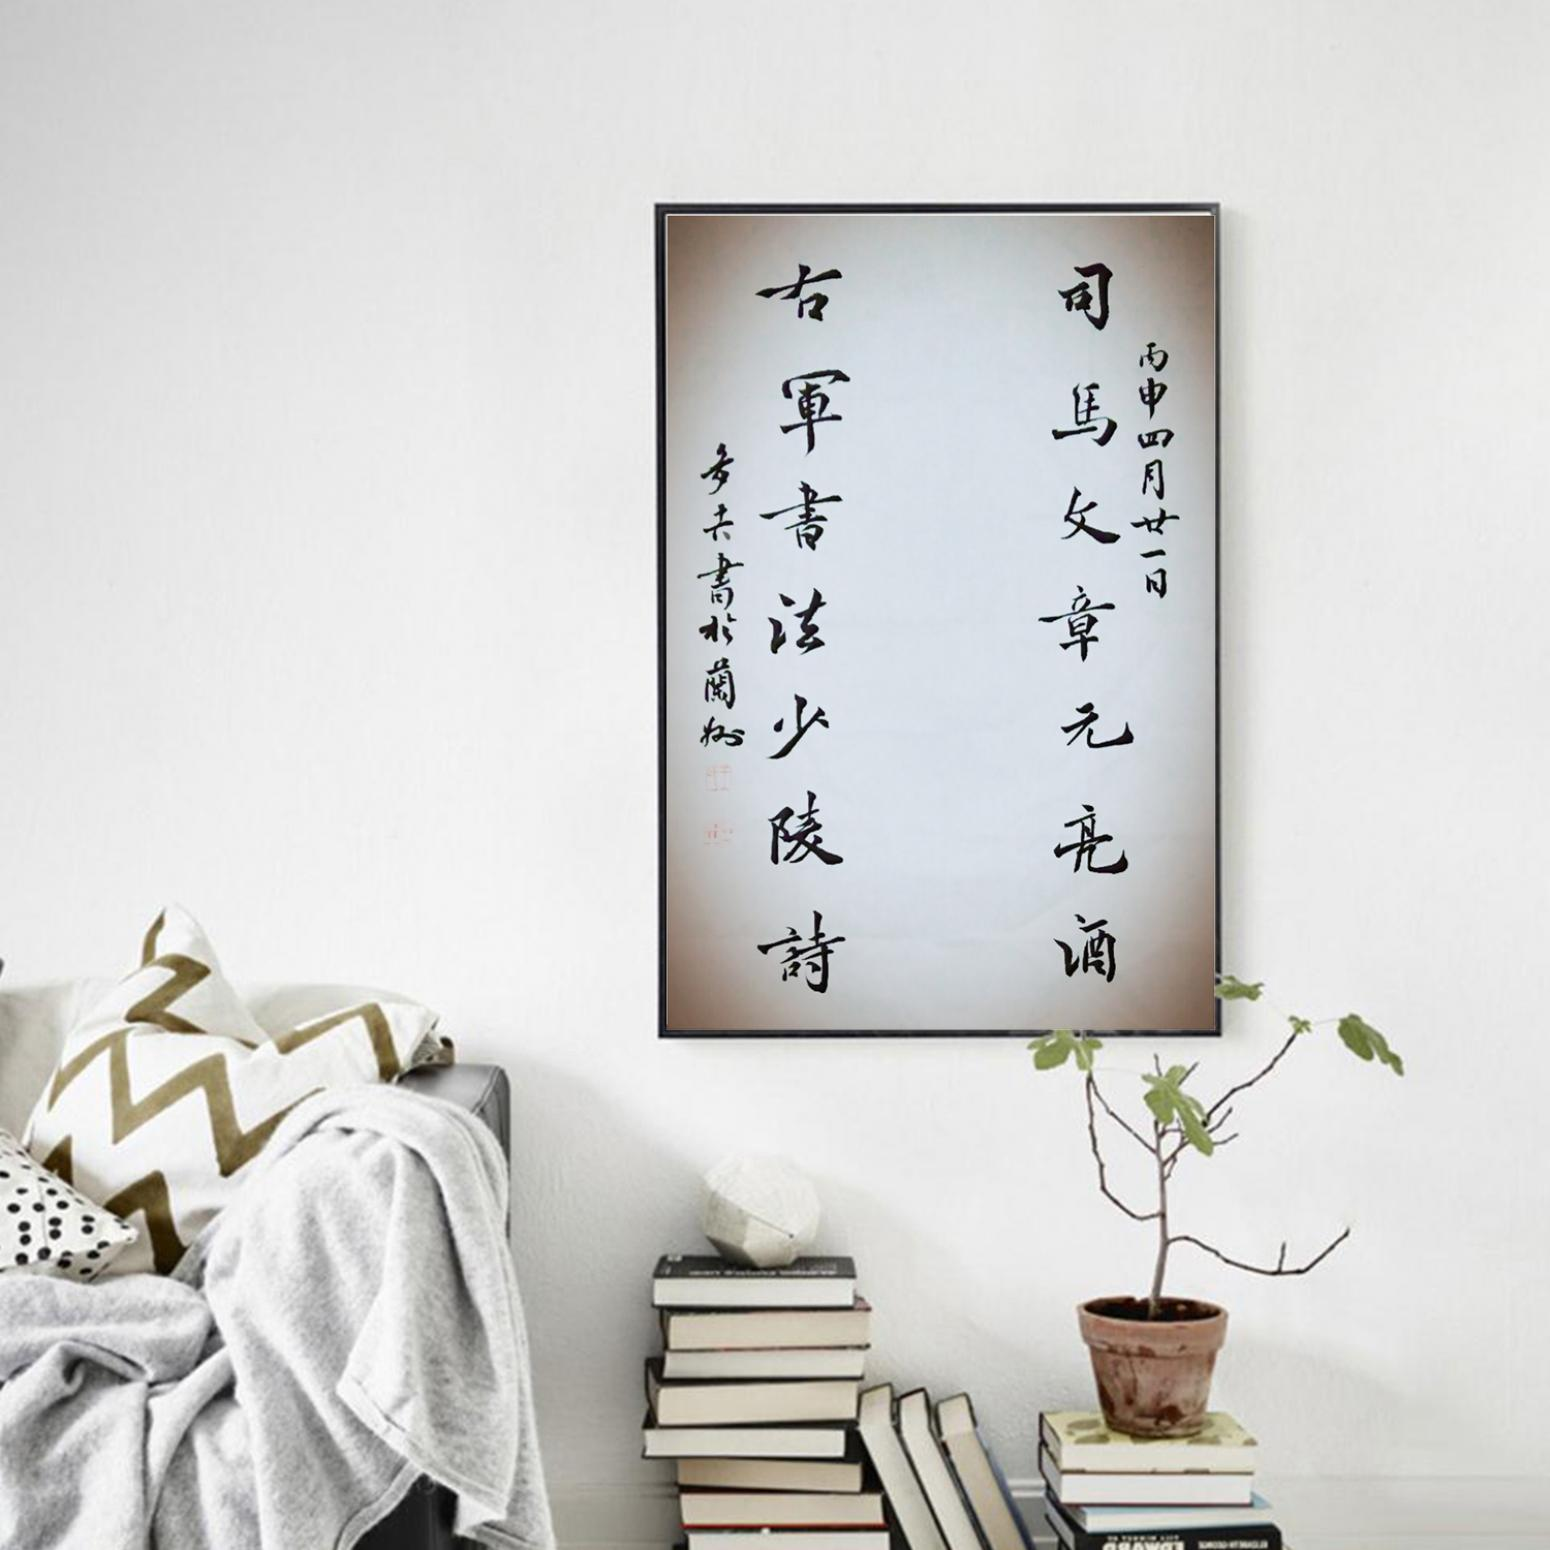 王多吉书法作品《【司马右军】作者王多吉》【图3】